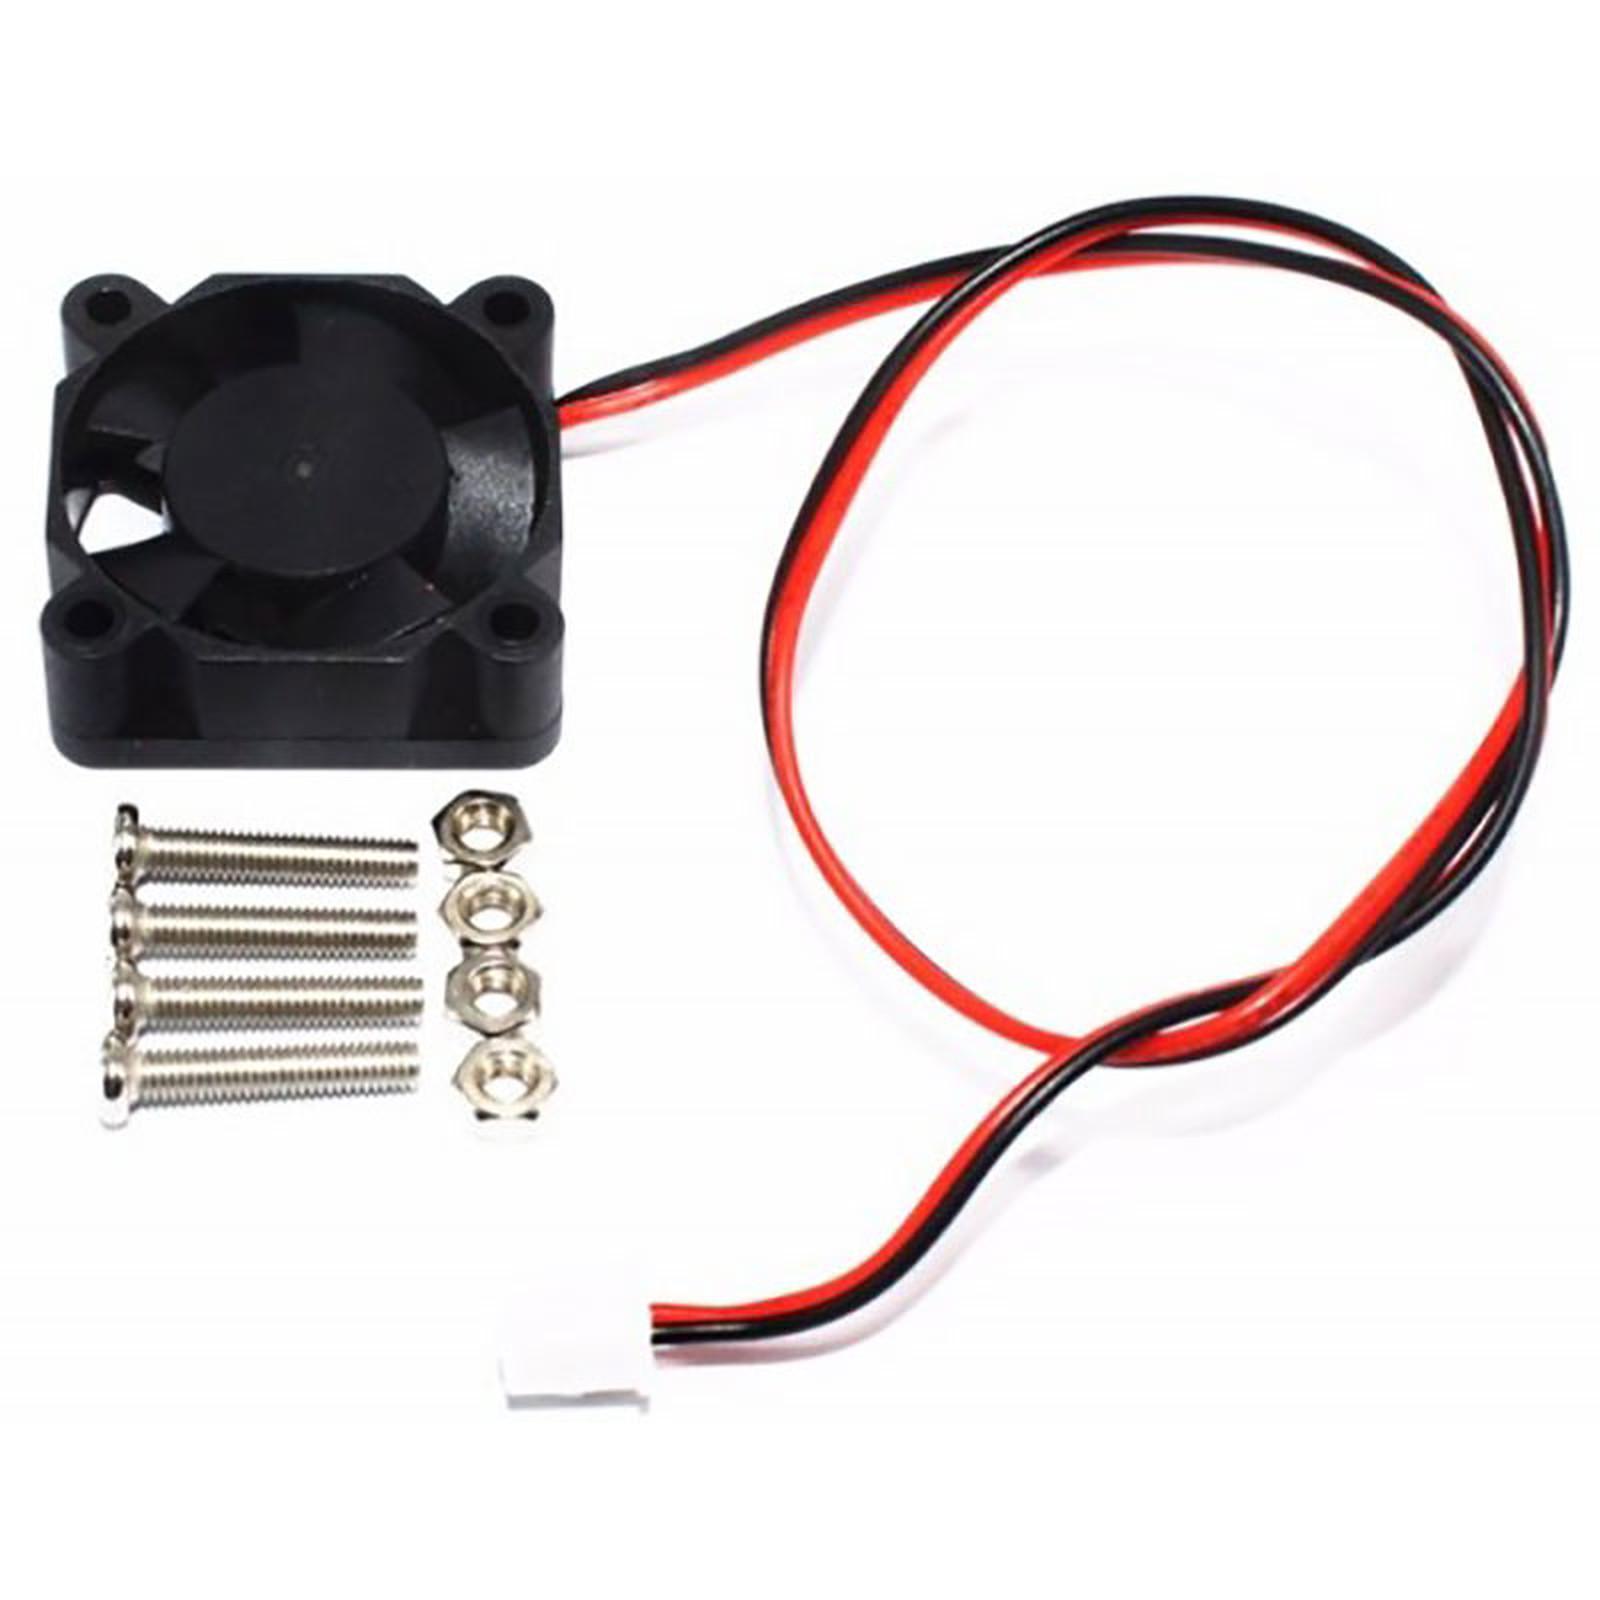 Ventilateur 30 mm pour Raspberry Pi